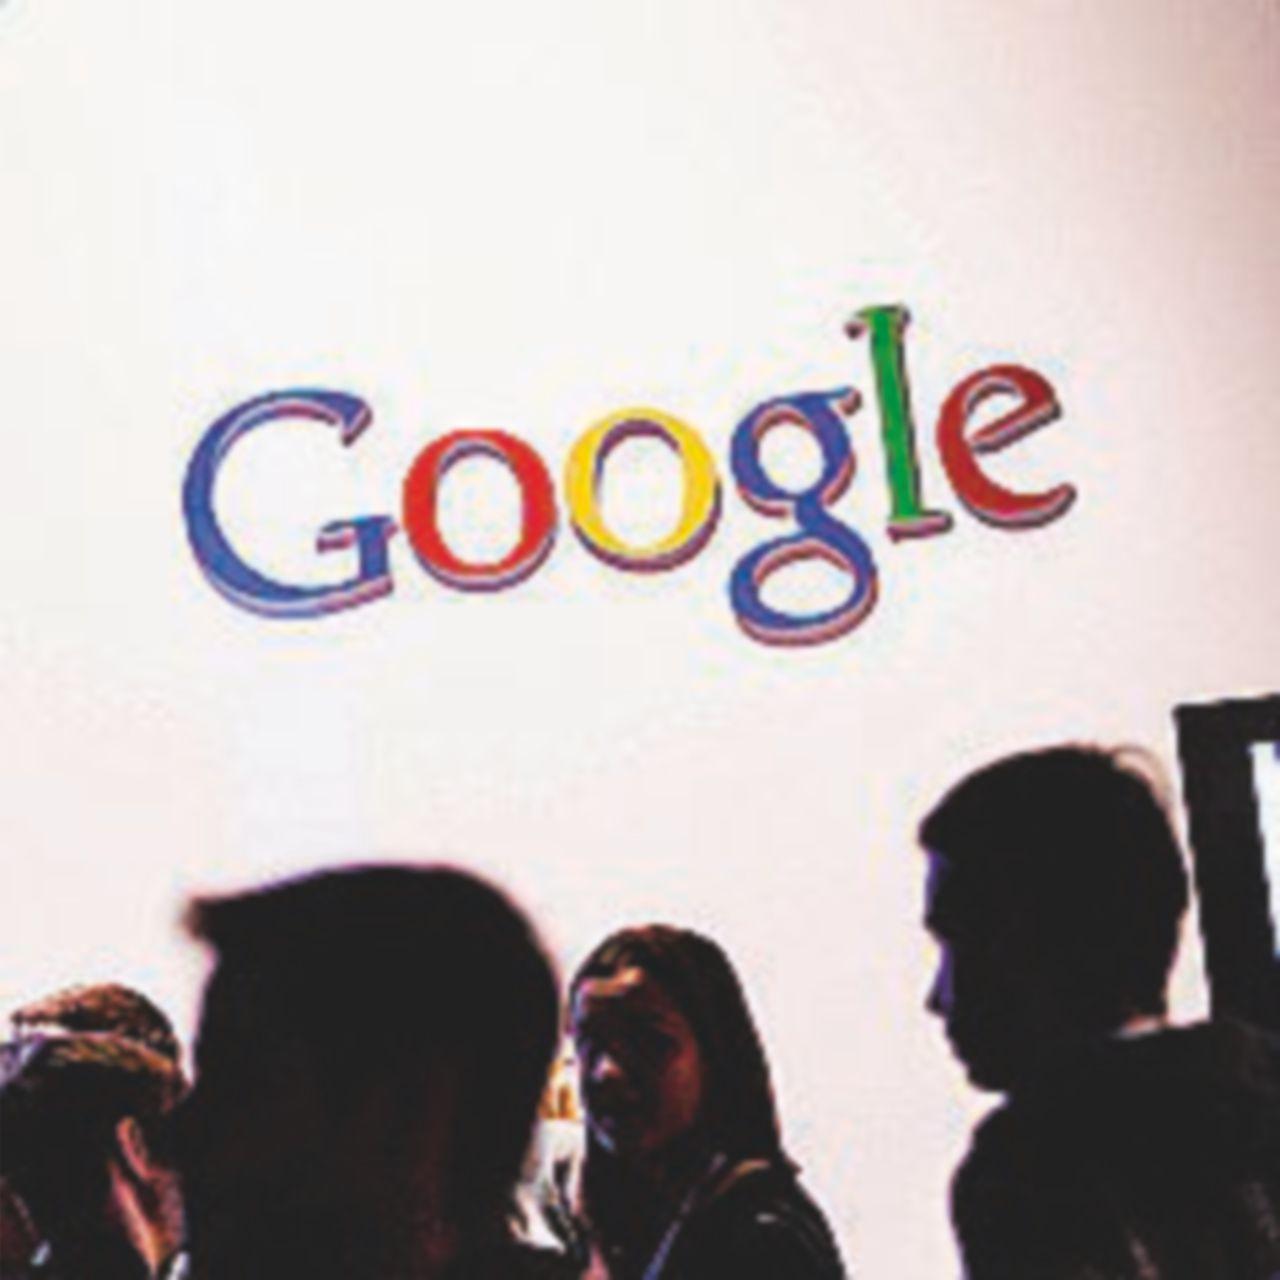 Google nel mirino dell'Antitrust Ue, oggi la maxi multa per le app Android